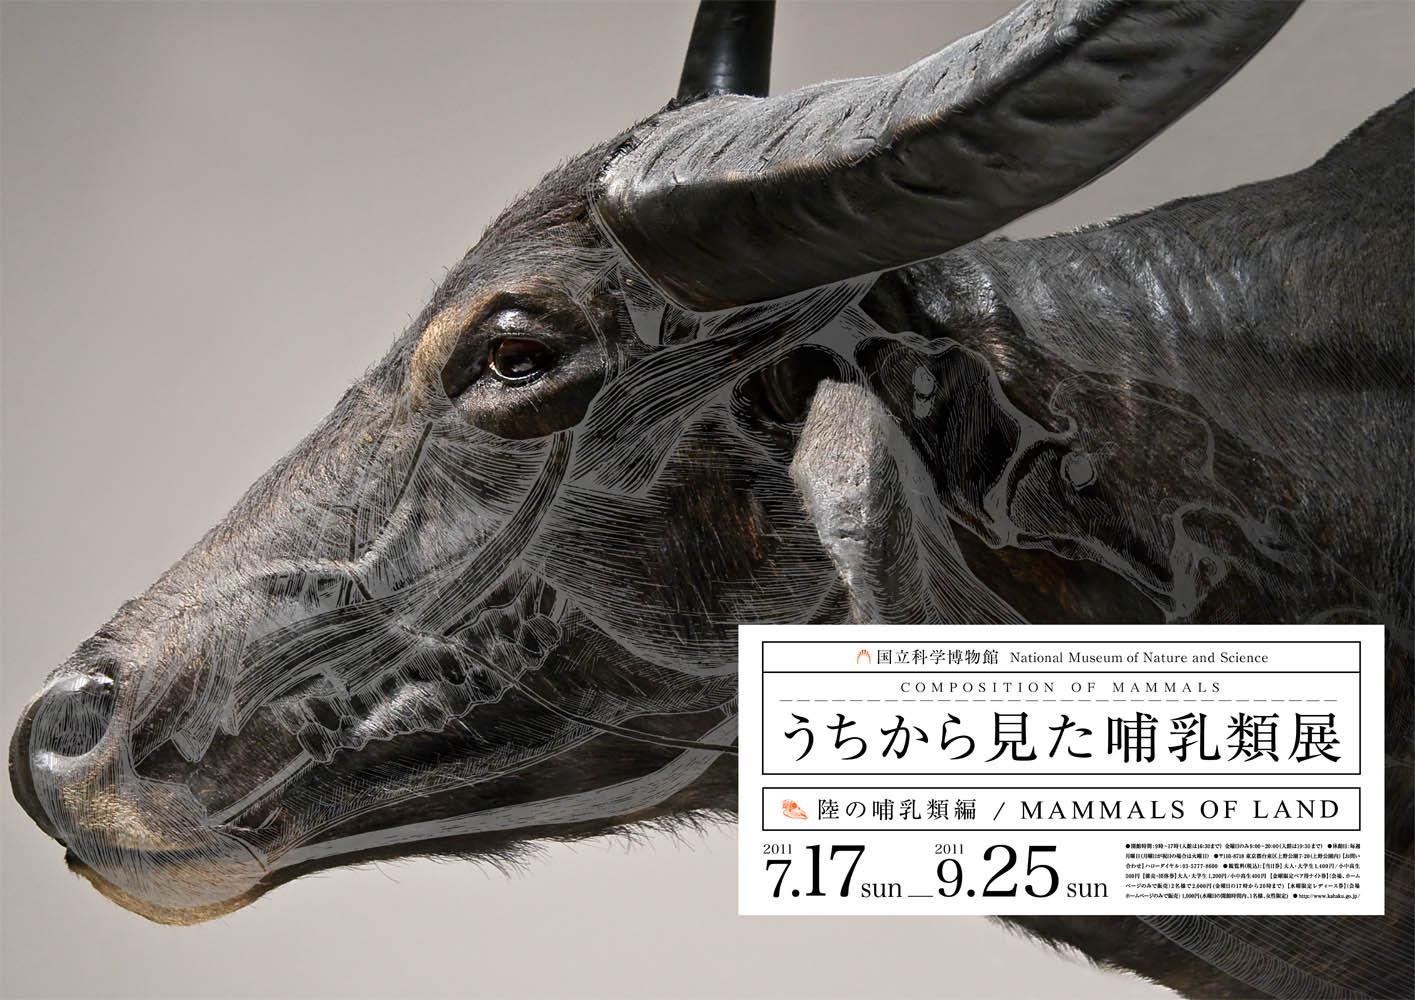 Mammals by Wataru Yoshida | World\'s National Museums and Art